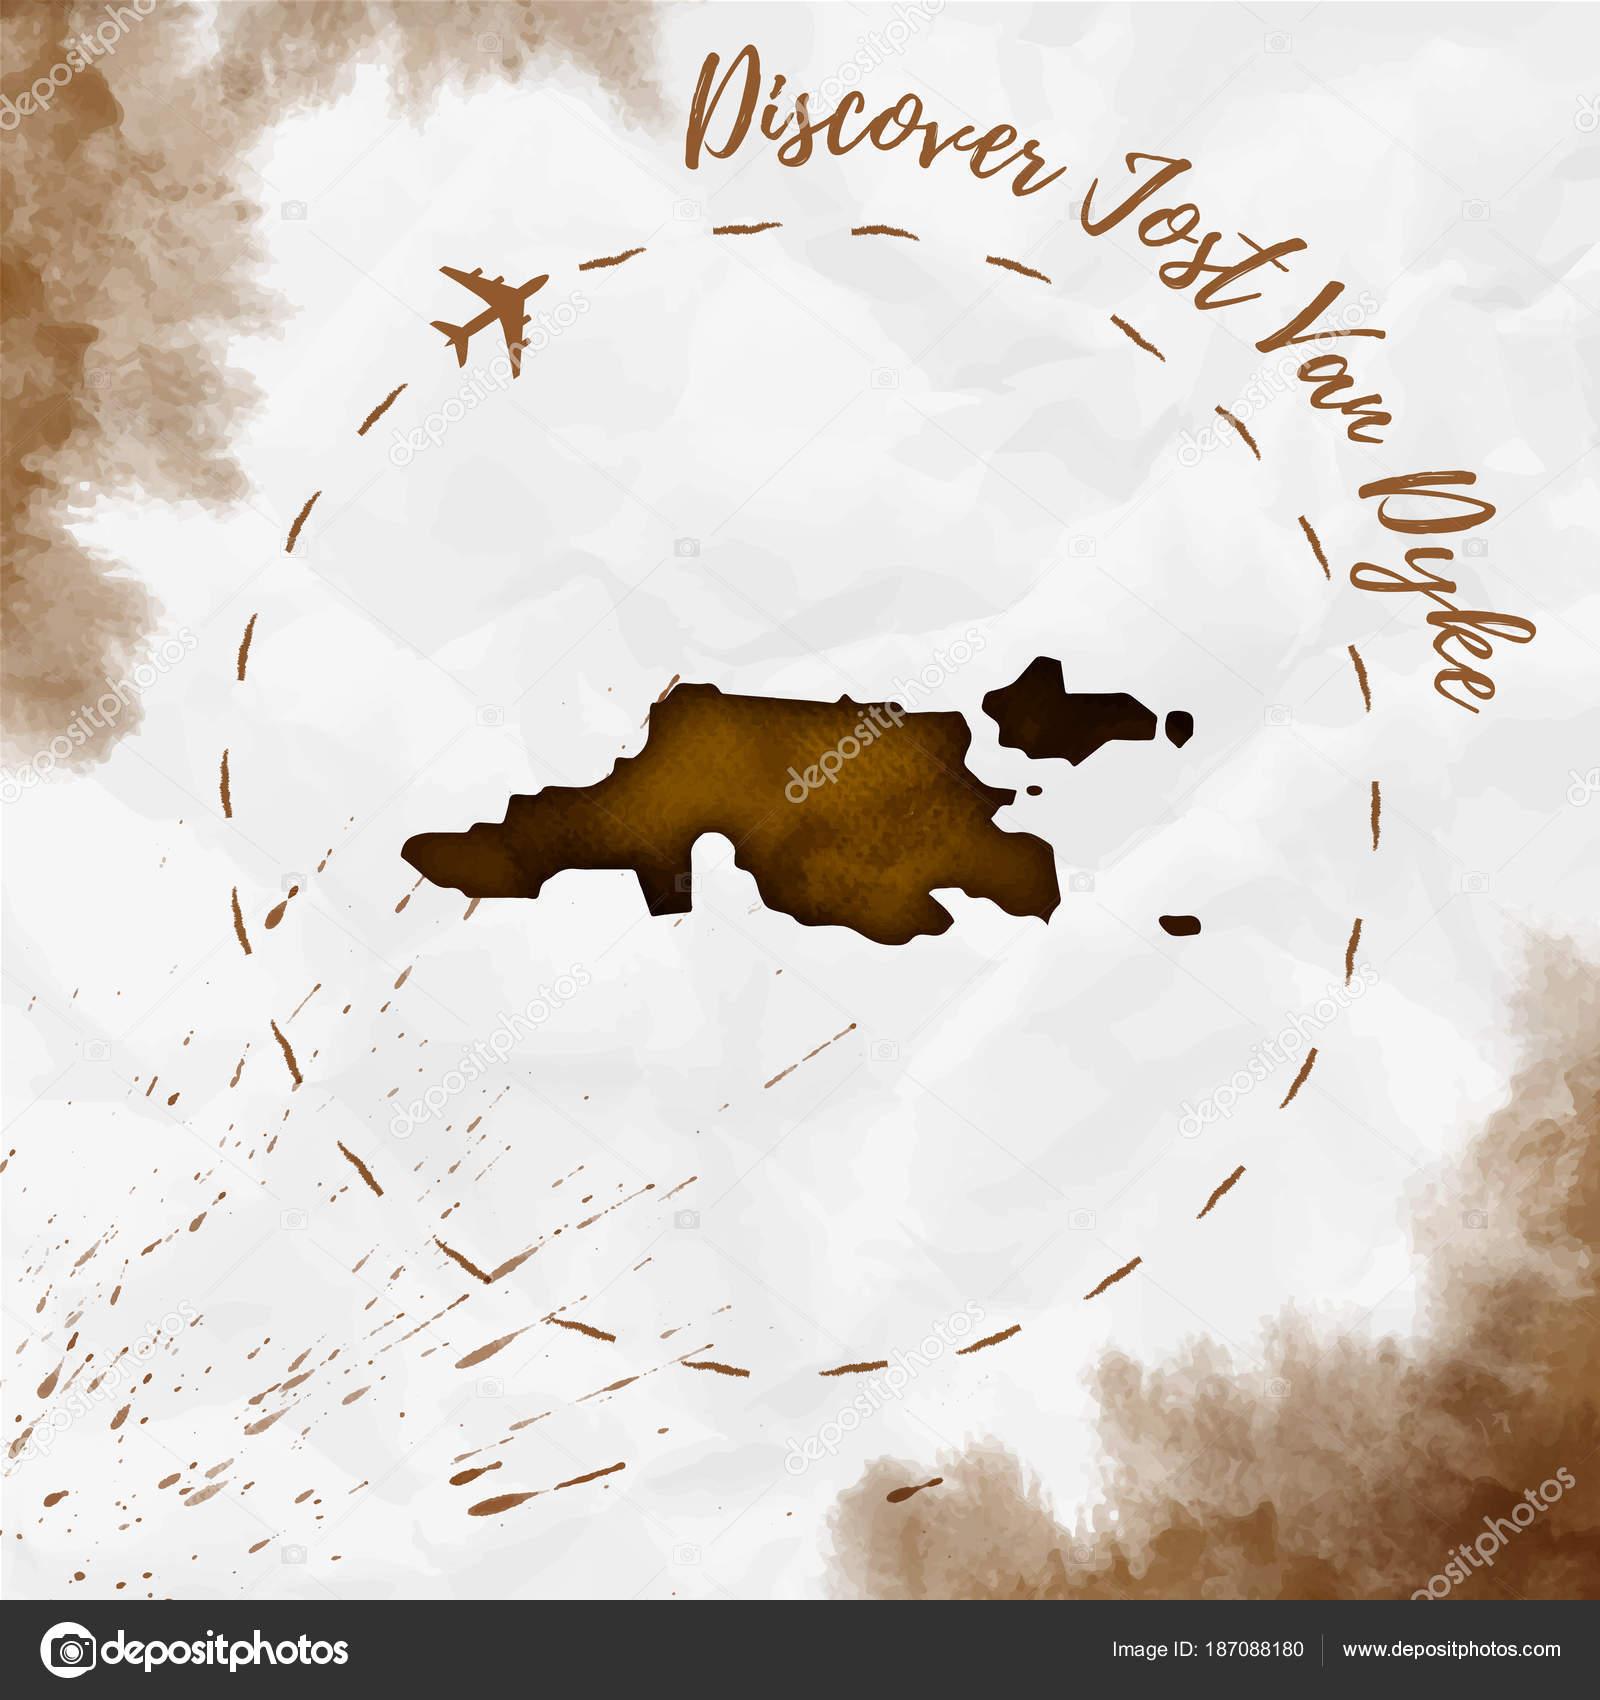 Jost Van Dyke watercolor island map in sepia colors Discover Jost